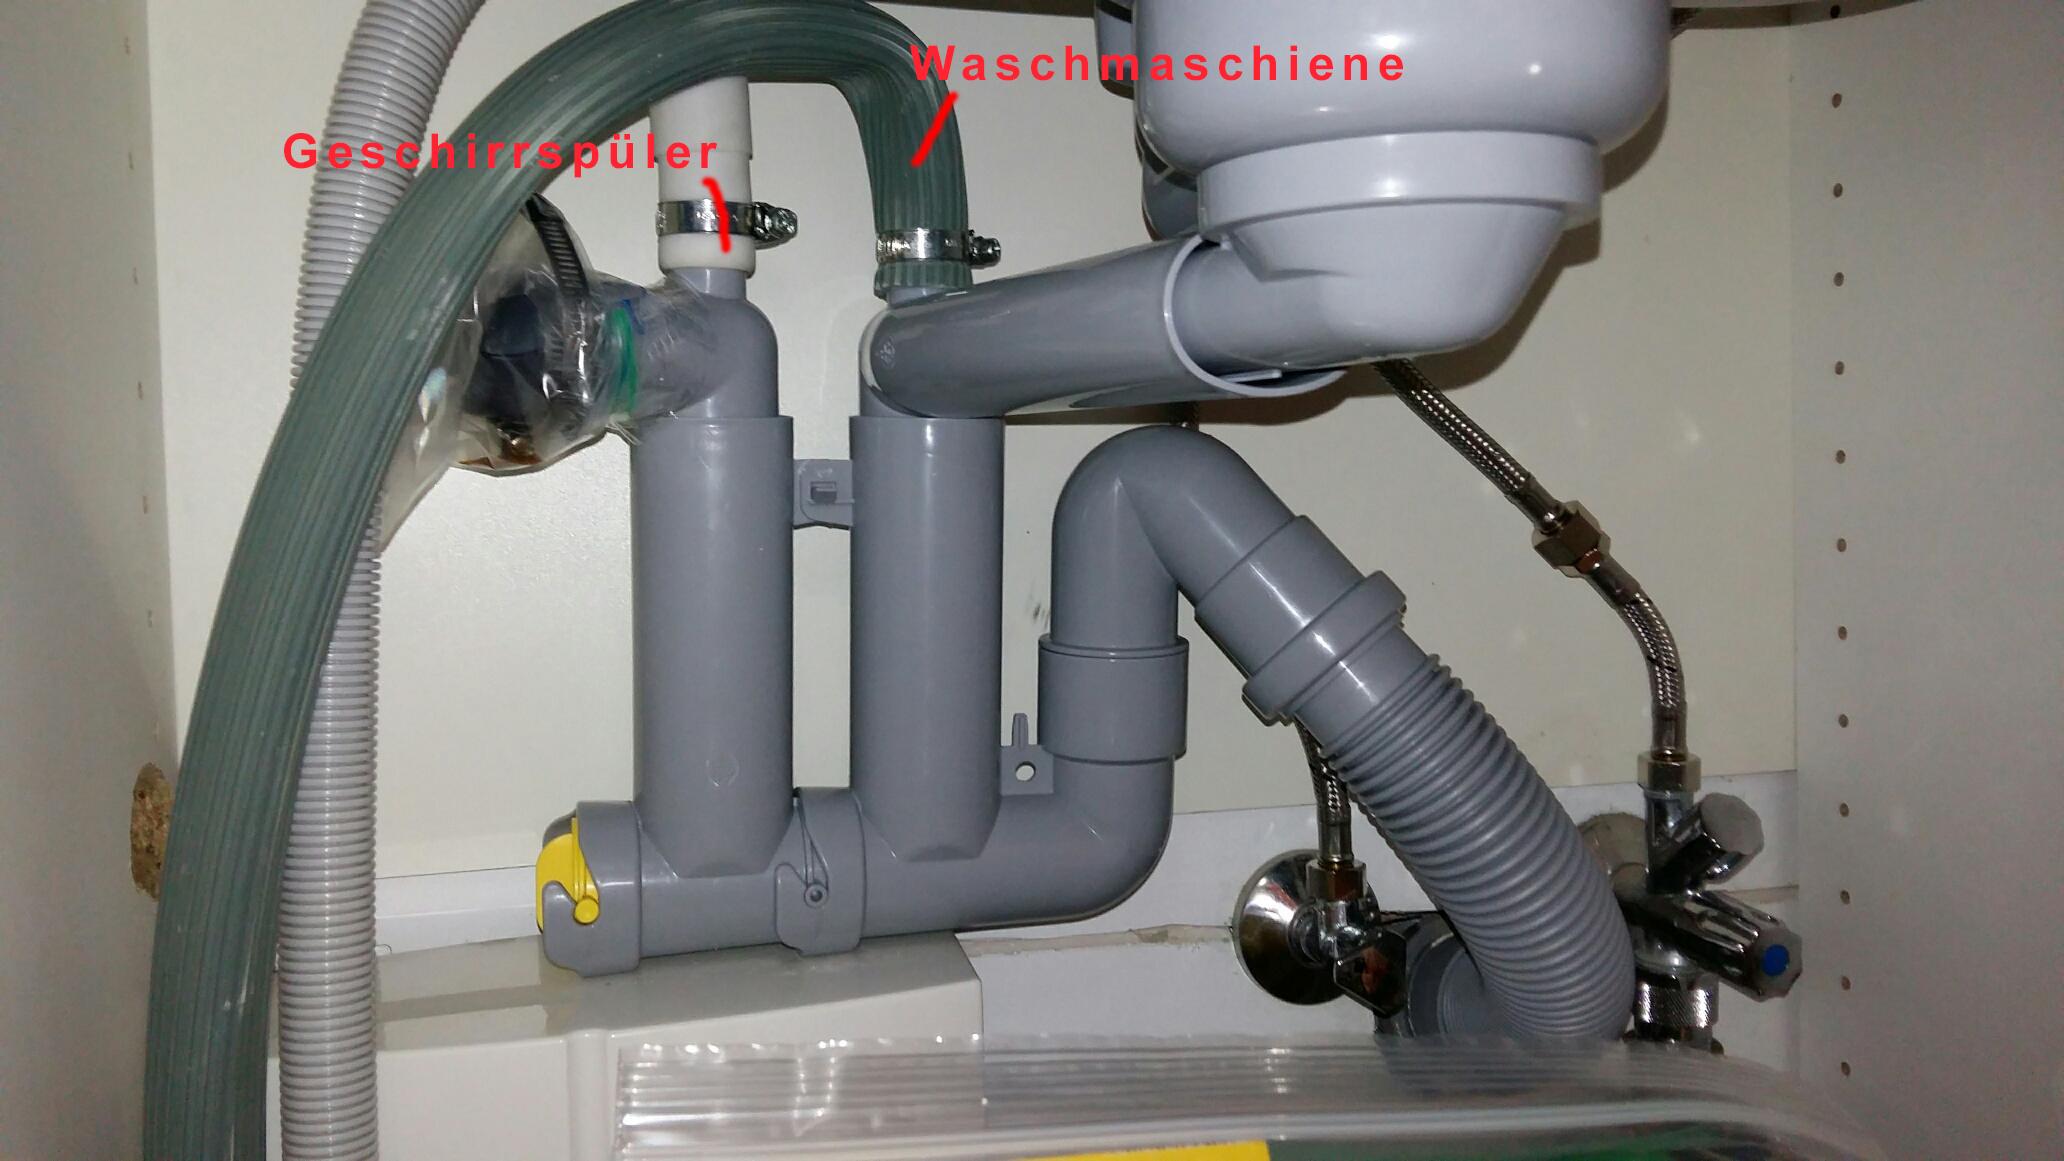 Ikea Waschbecken Siphon Und Anschluss Waschmaschine Und Geschirrspuler Laufen Alle Schlecht Ab Was Muss Anders Abfluss